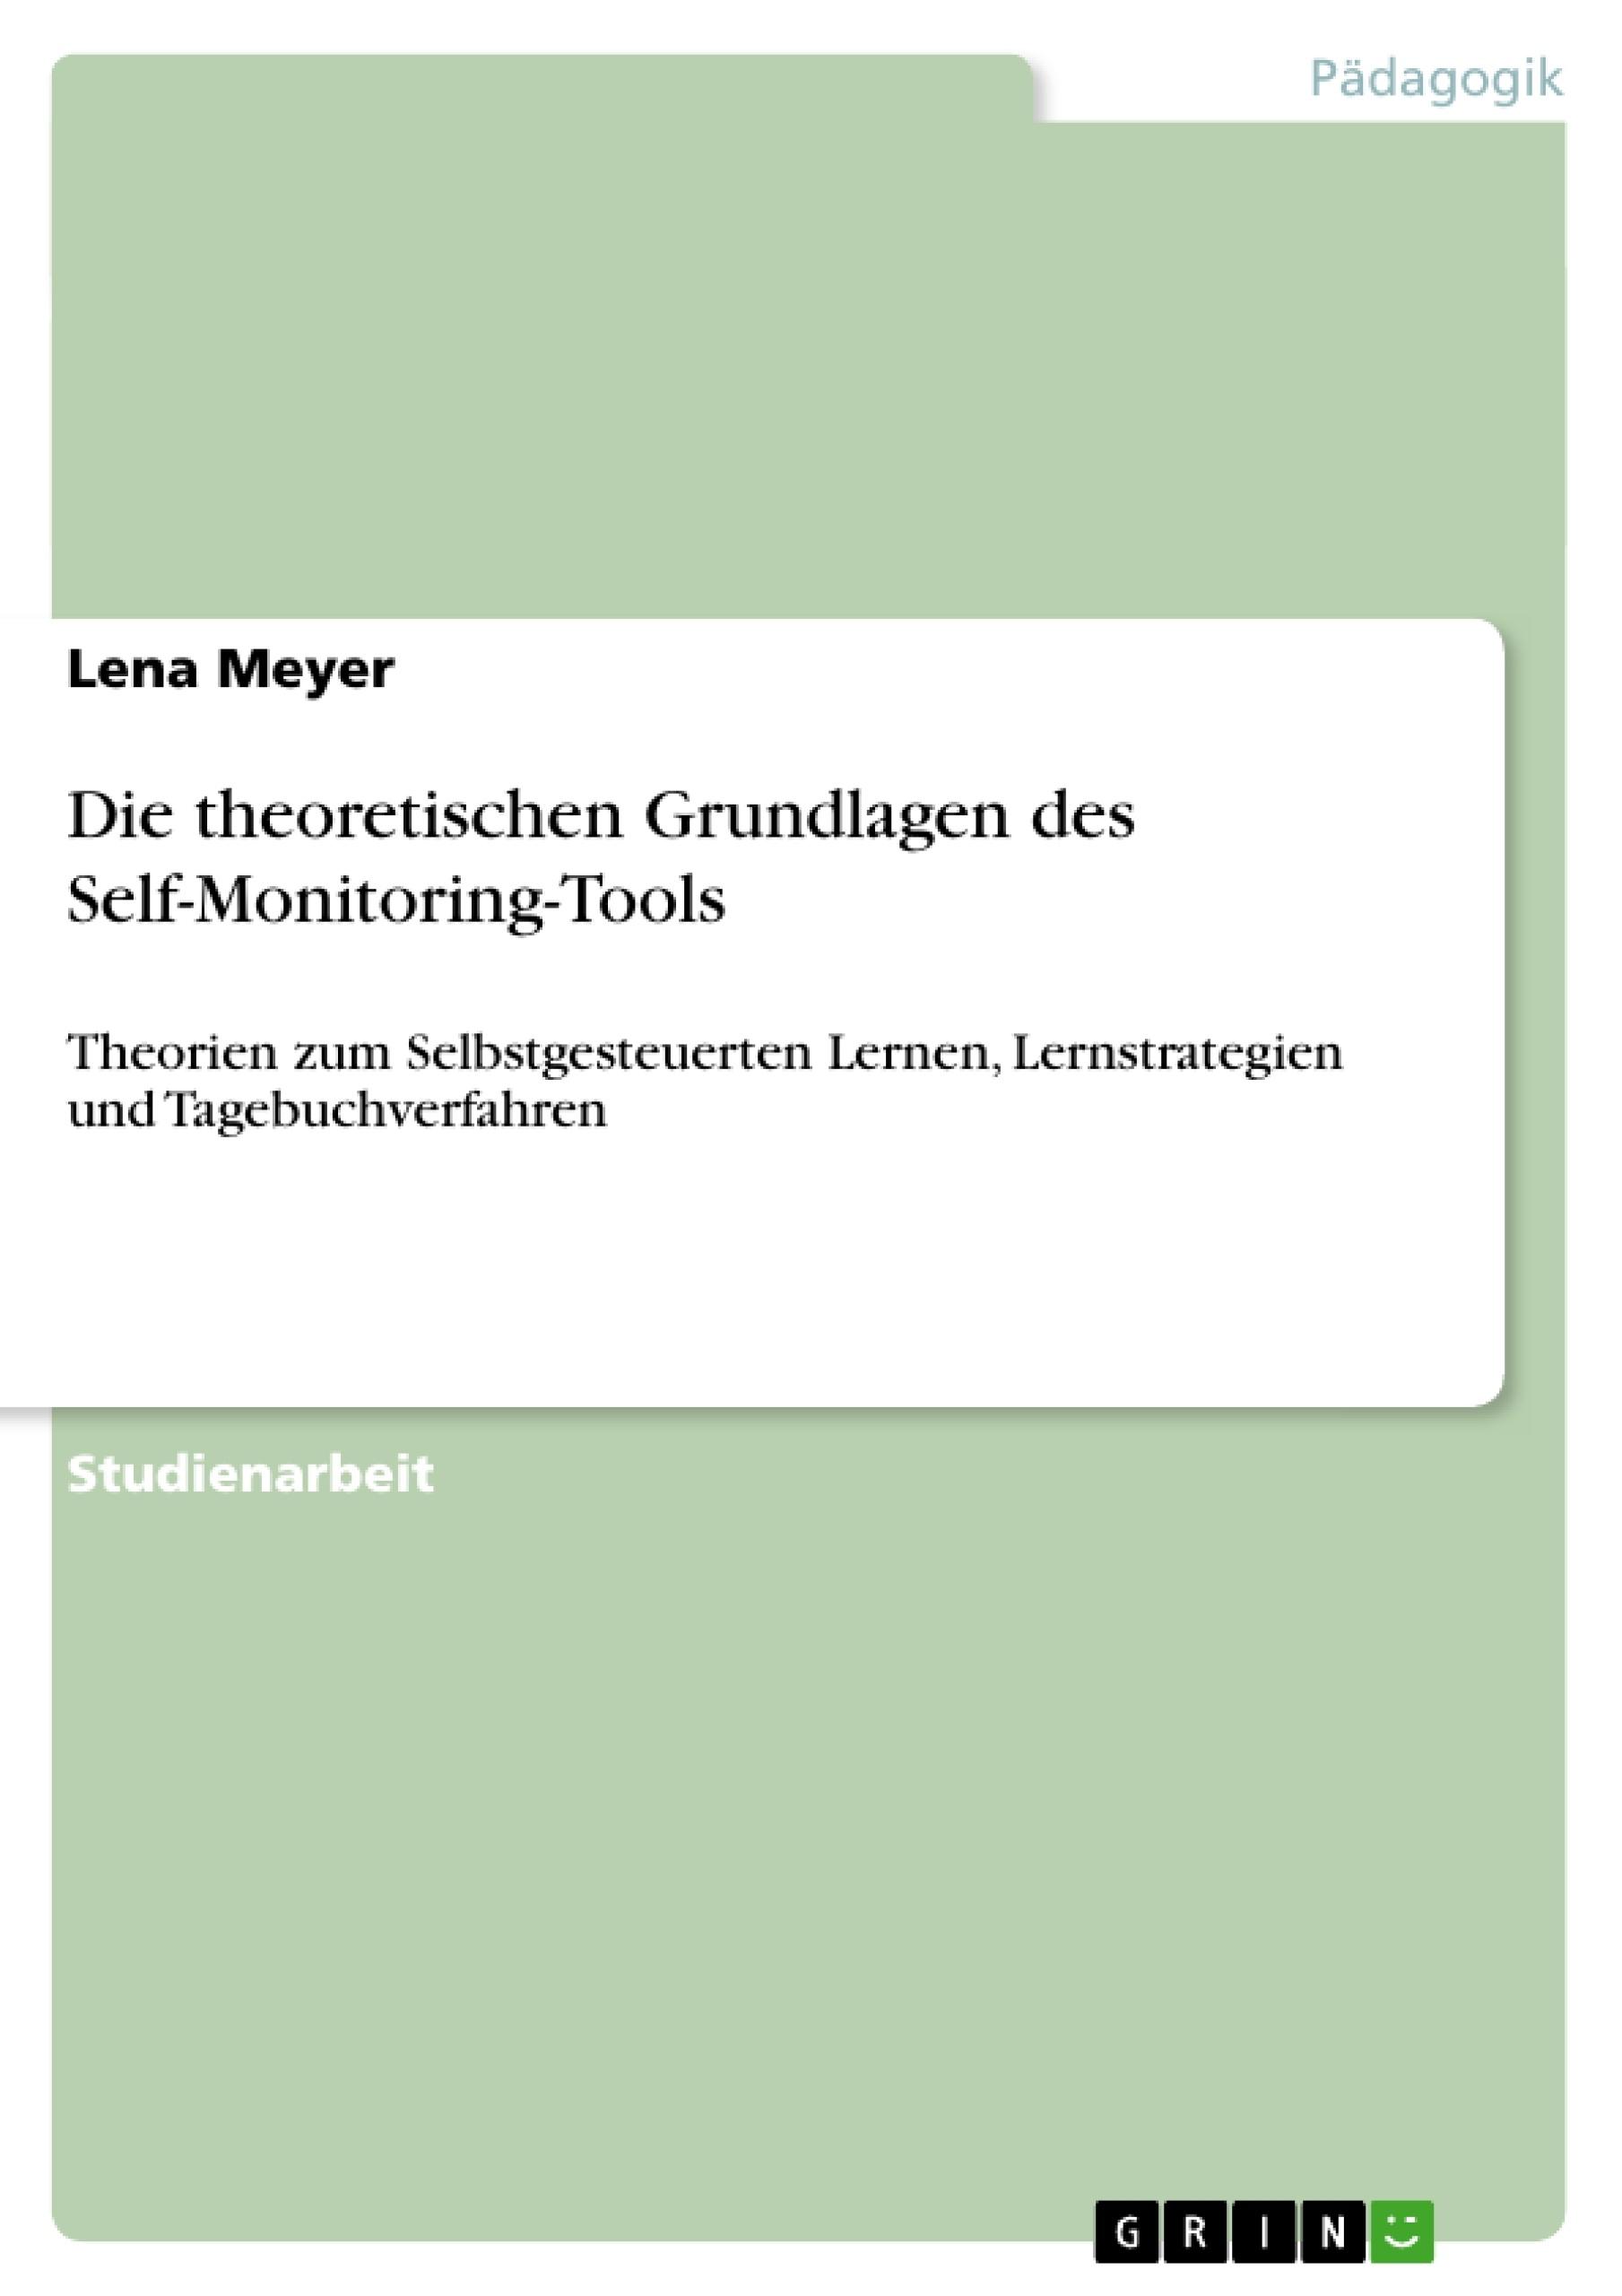 Titel: Die theoretischen Grundlagen des Self-Monitoring-Tools